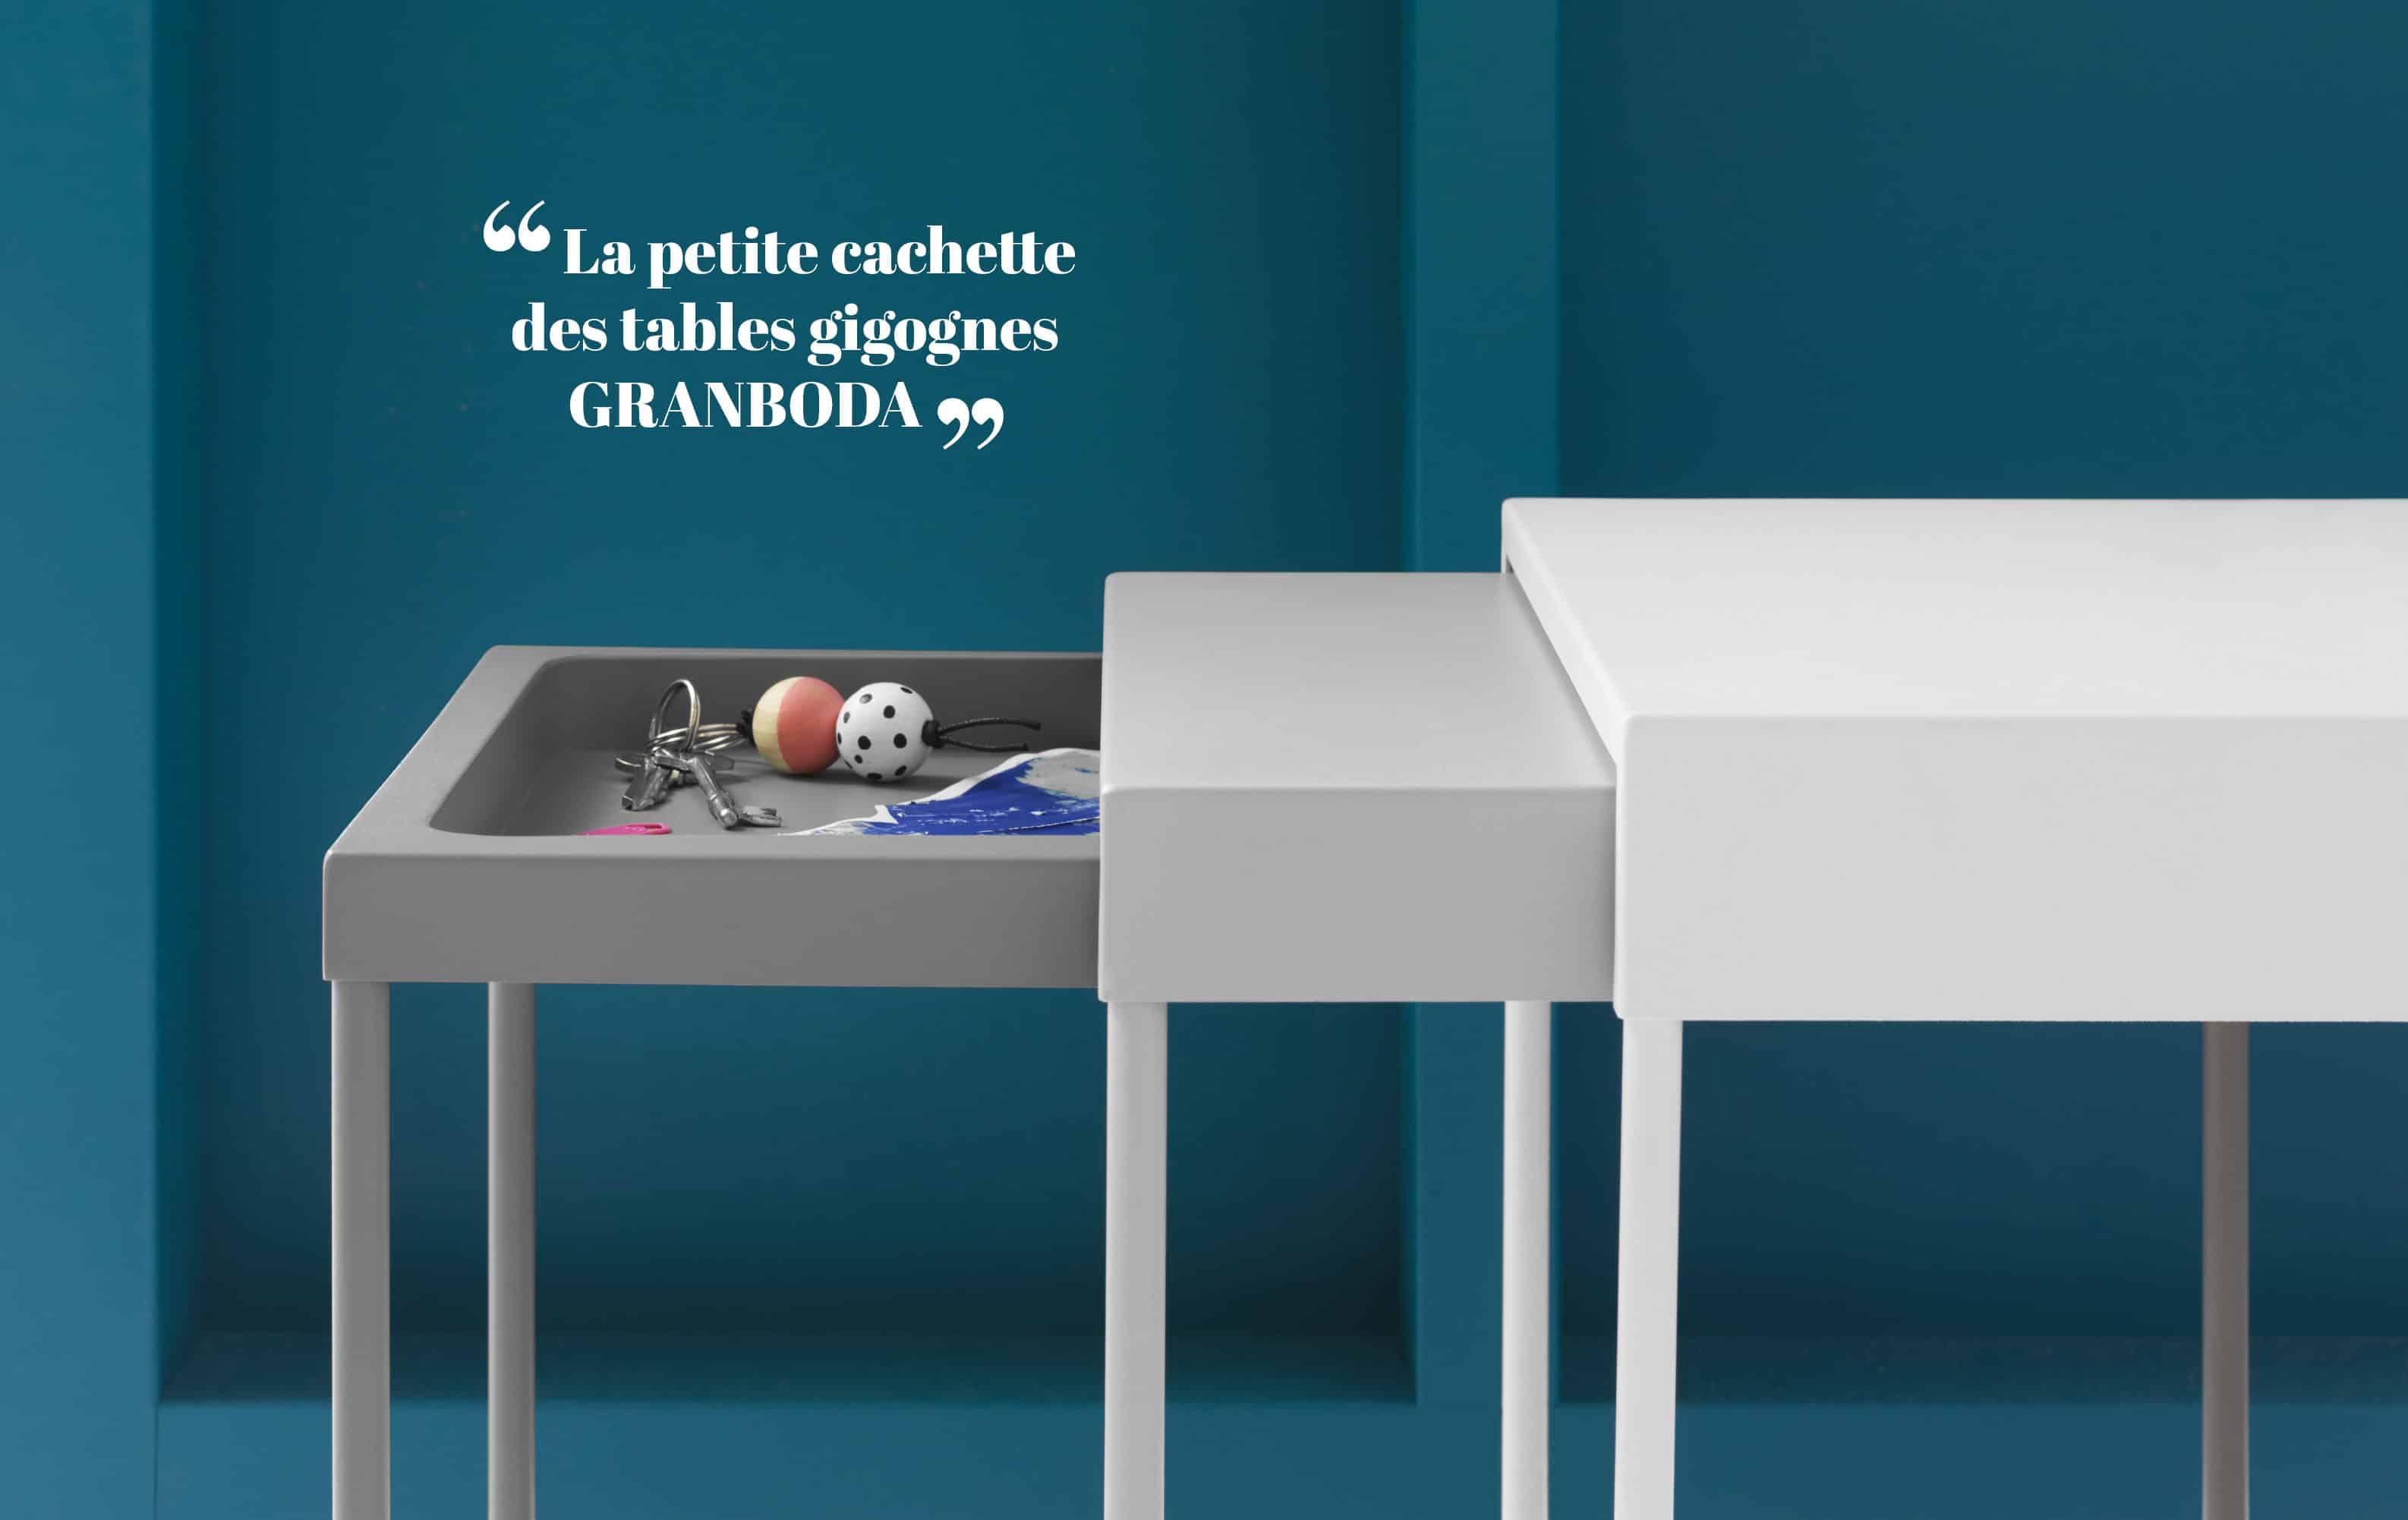 couleurs pops concepts astucieux formes rondes et attachantes le mois de fvrier chez ikea rserve. Black Bedroom Furniture Sets. Home Design Ideas